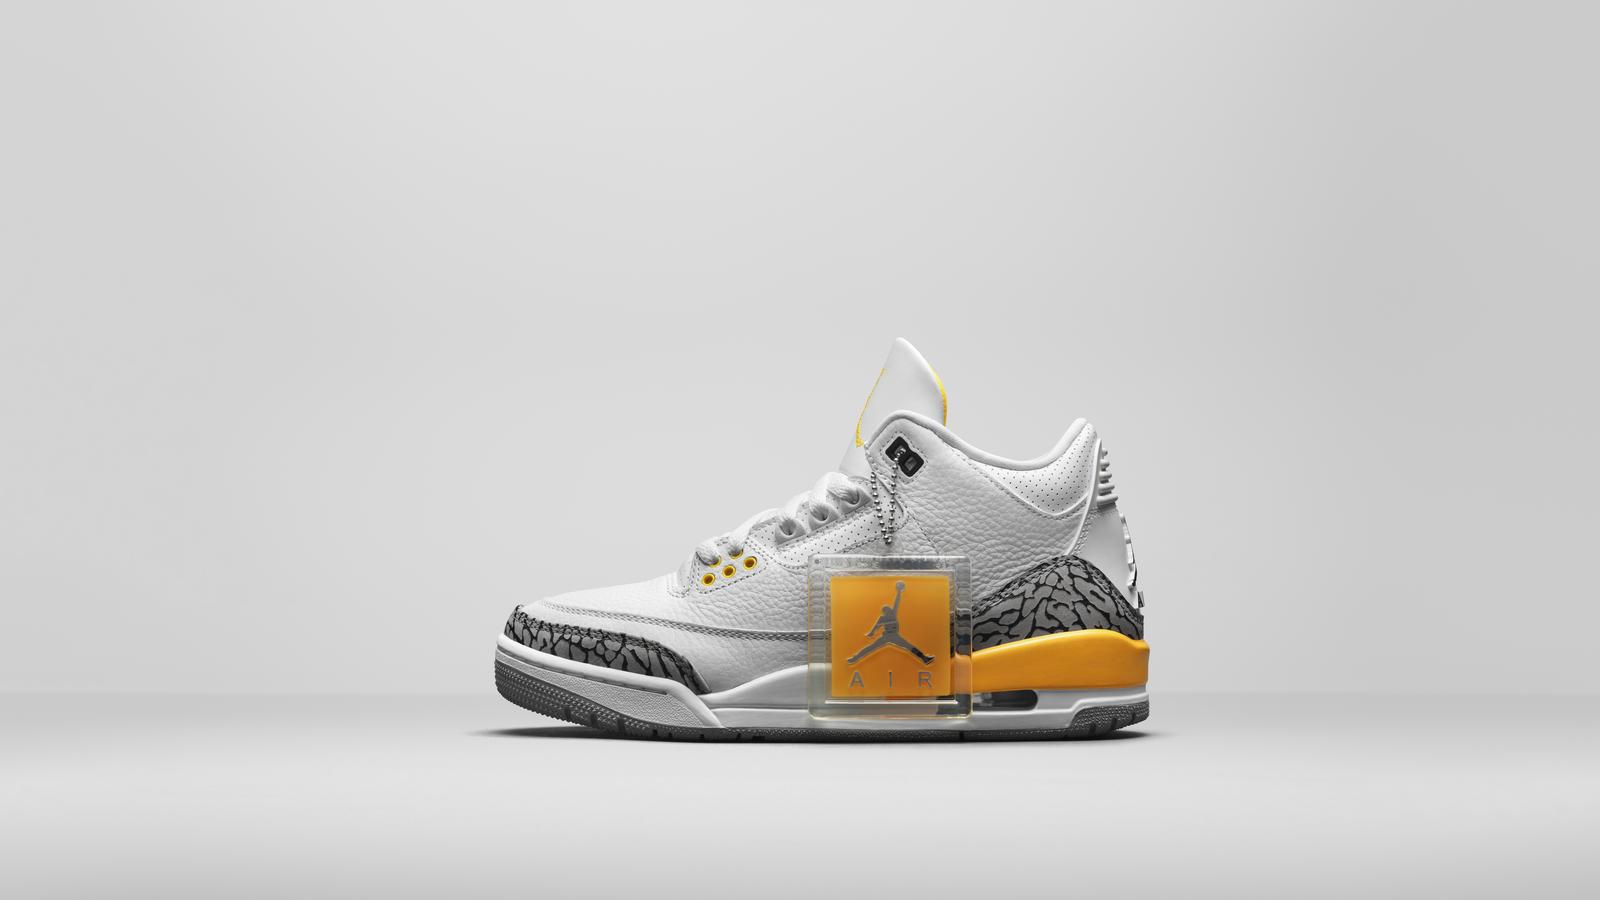 Jordan Brand Fall 2020 Releases 2